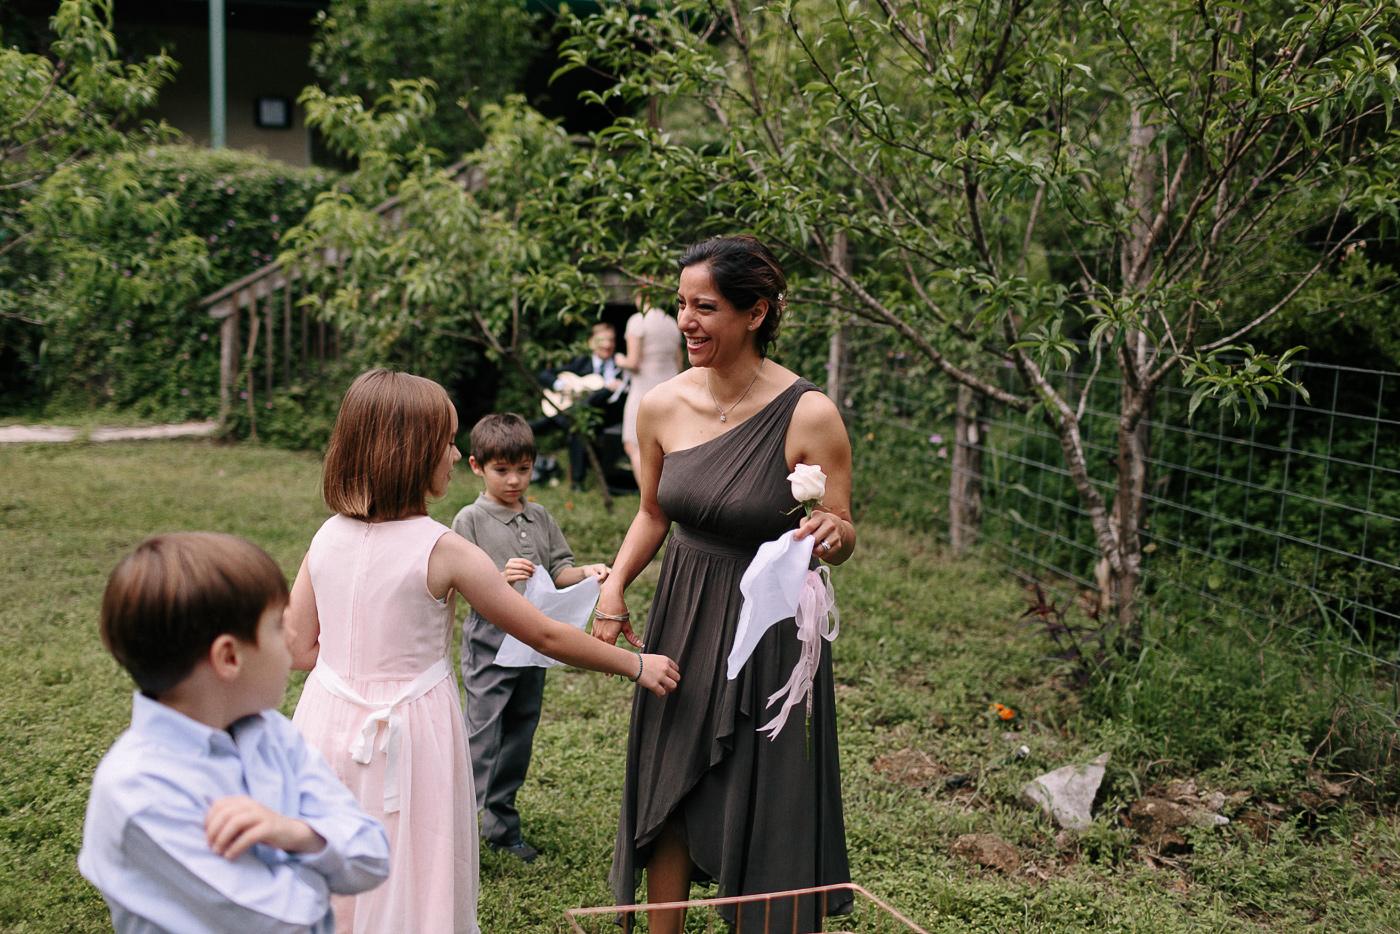 309-wimberley-texas-intimate-backyard-wedding.jpg